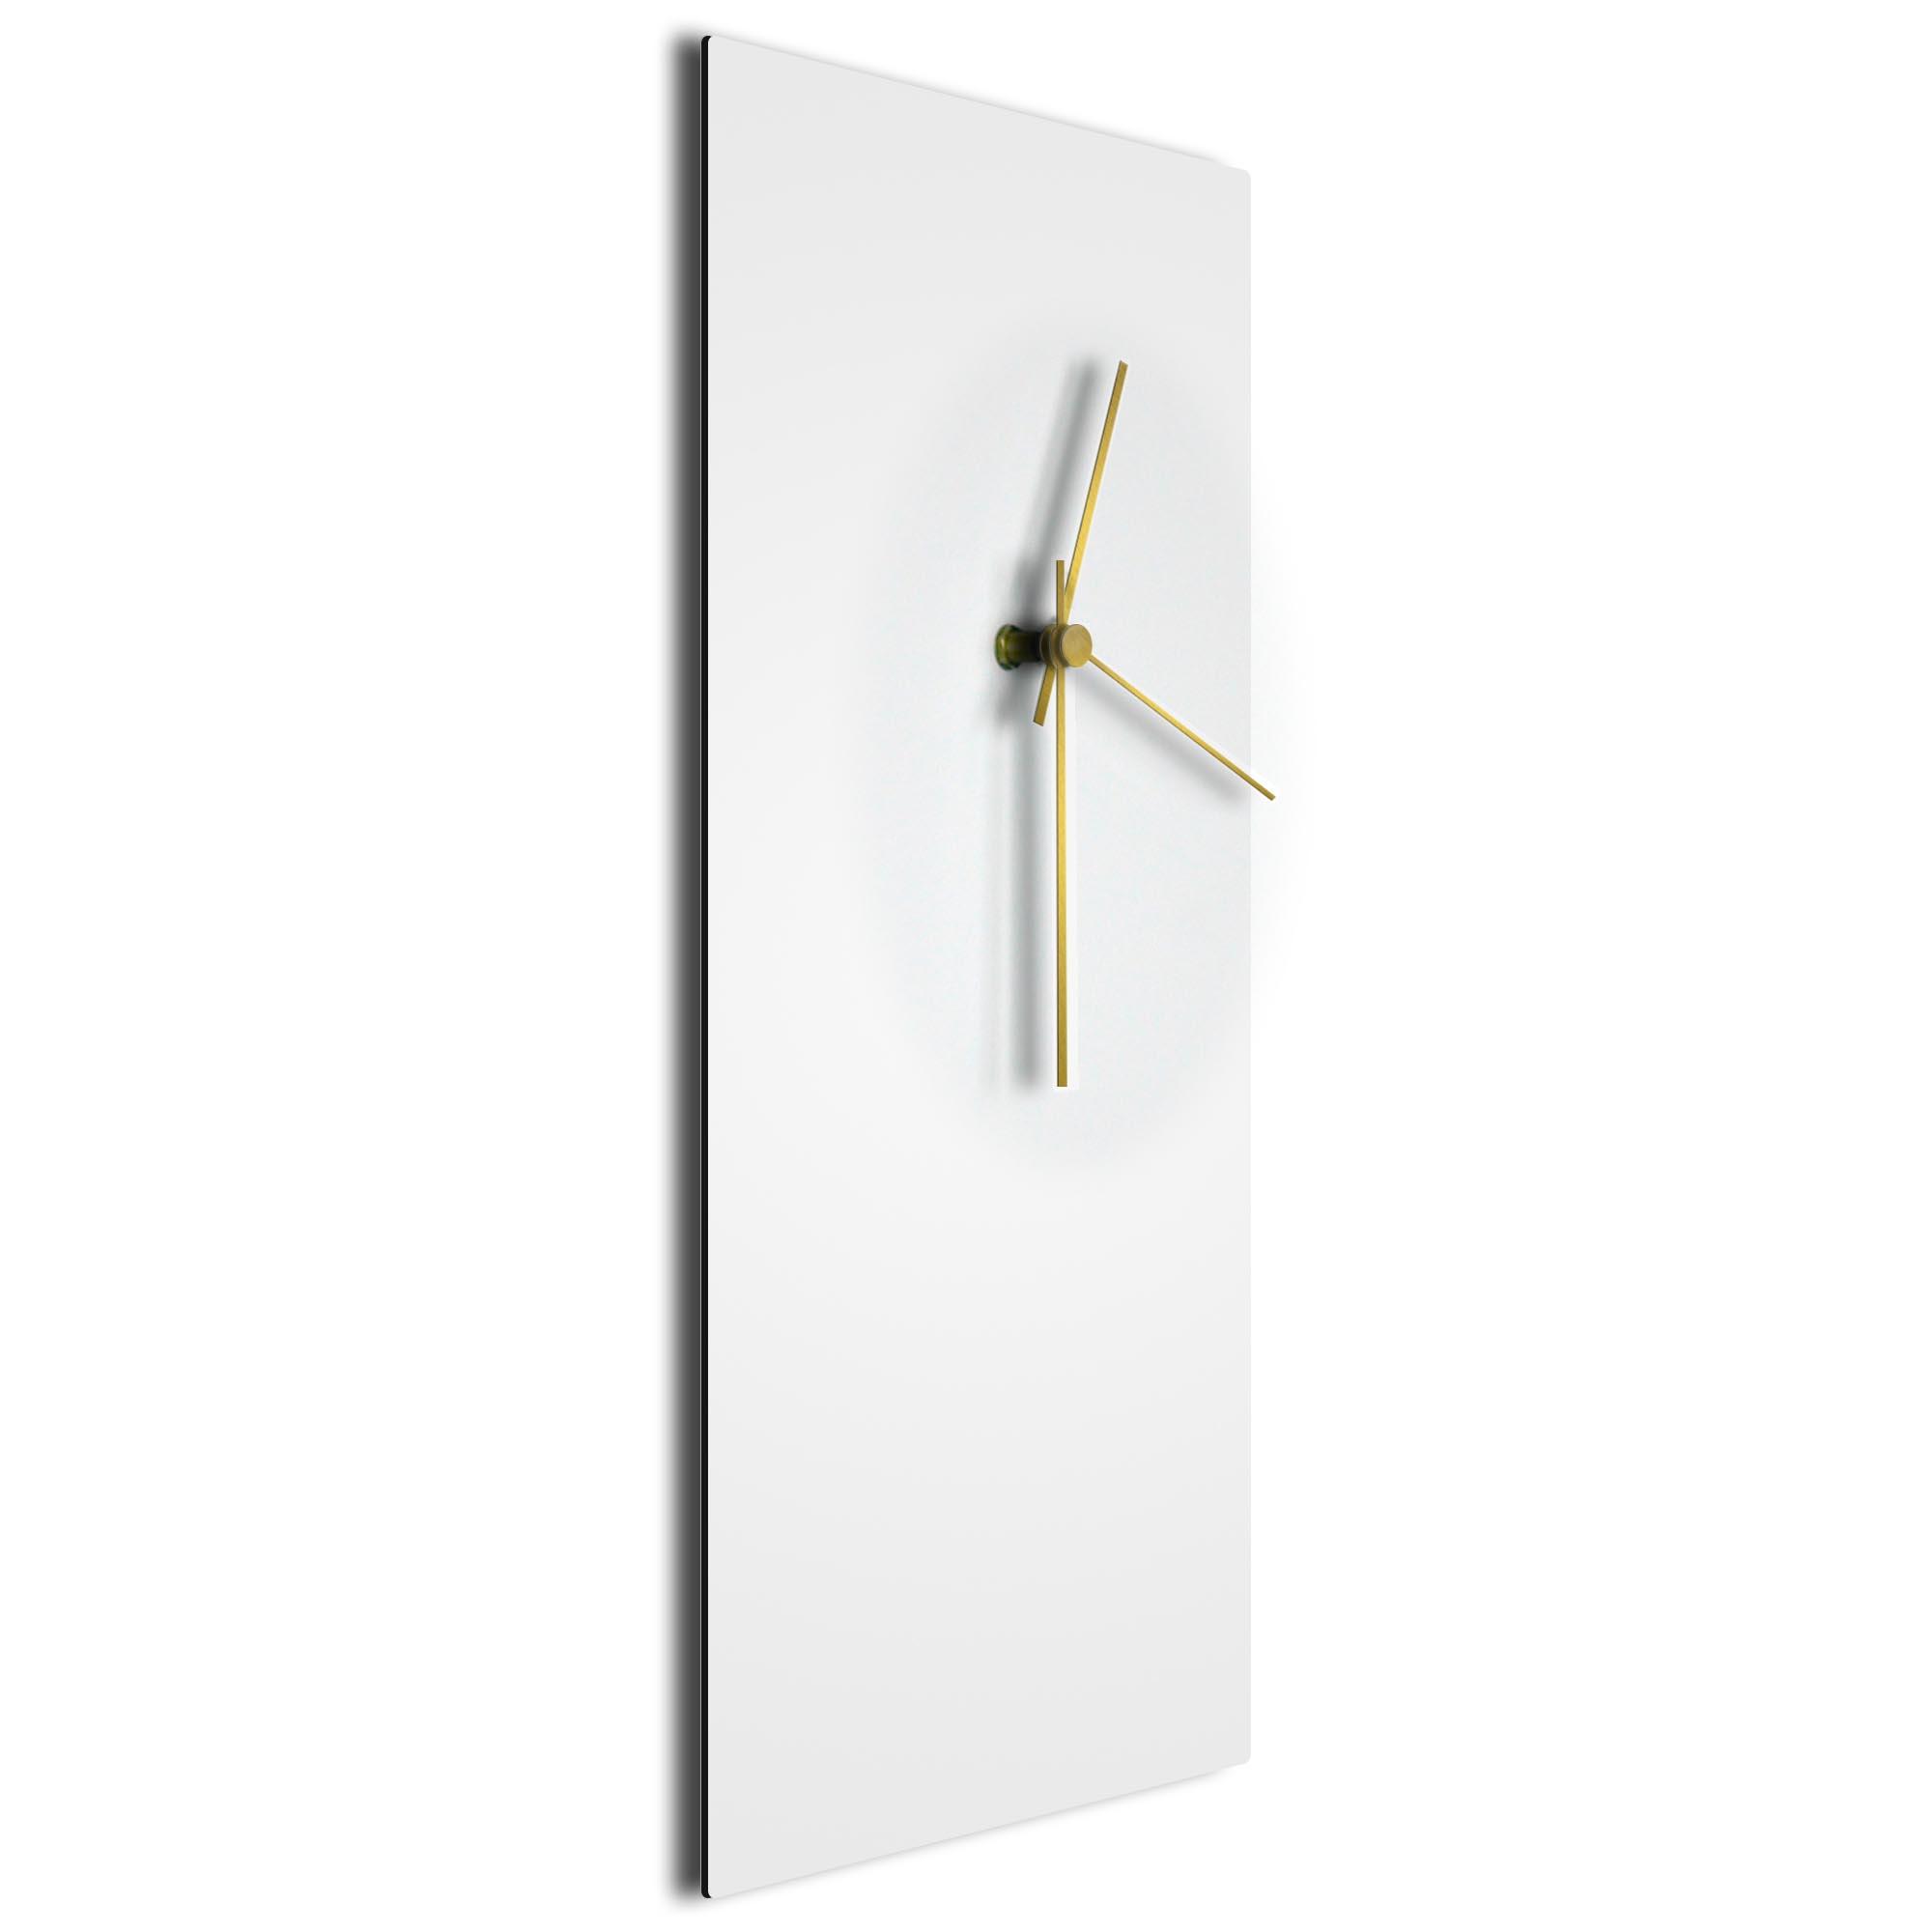 Whiteout Gold Clock Large - Image 2